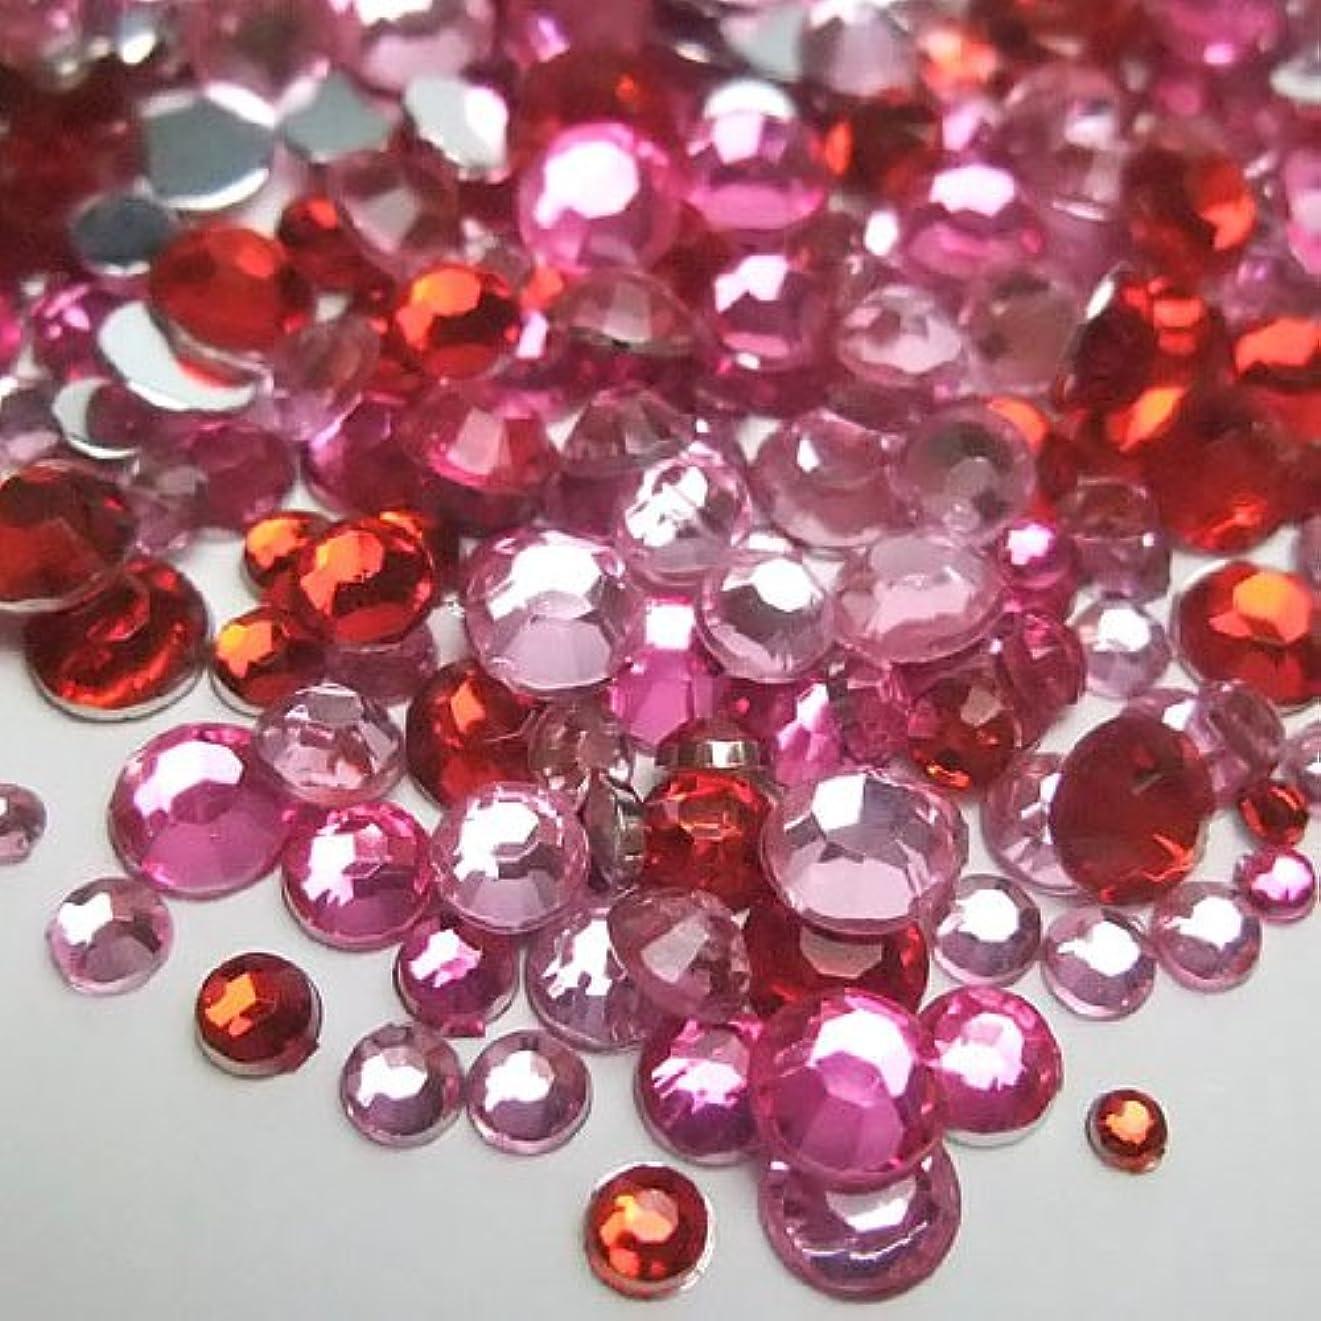 回復する忠誠アピール高品質アクリルストーン ラインストーン MIXパック 約1000粒入り ピンク系